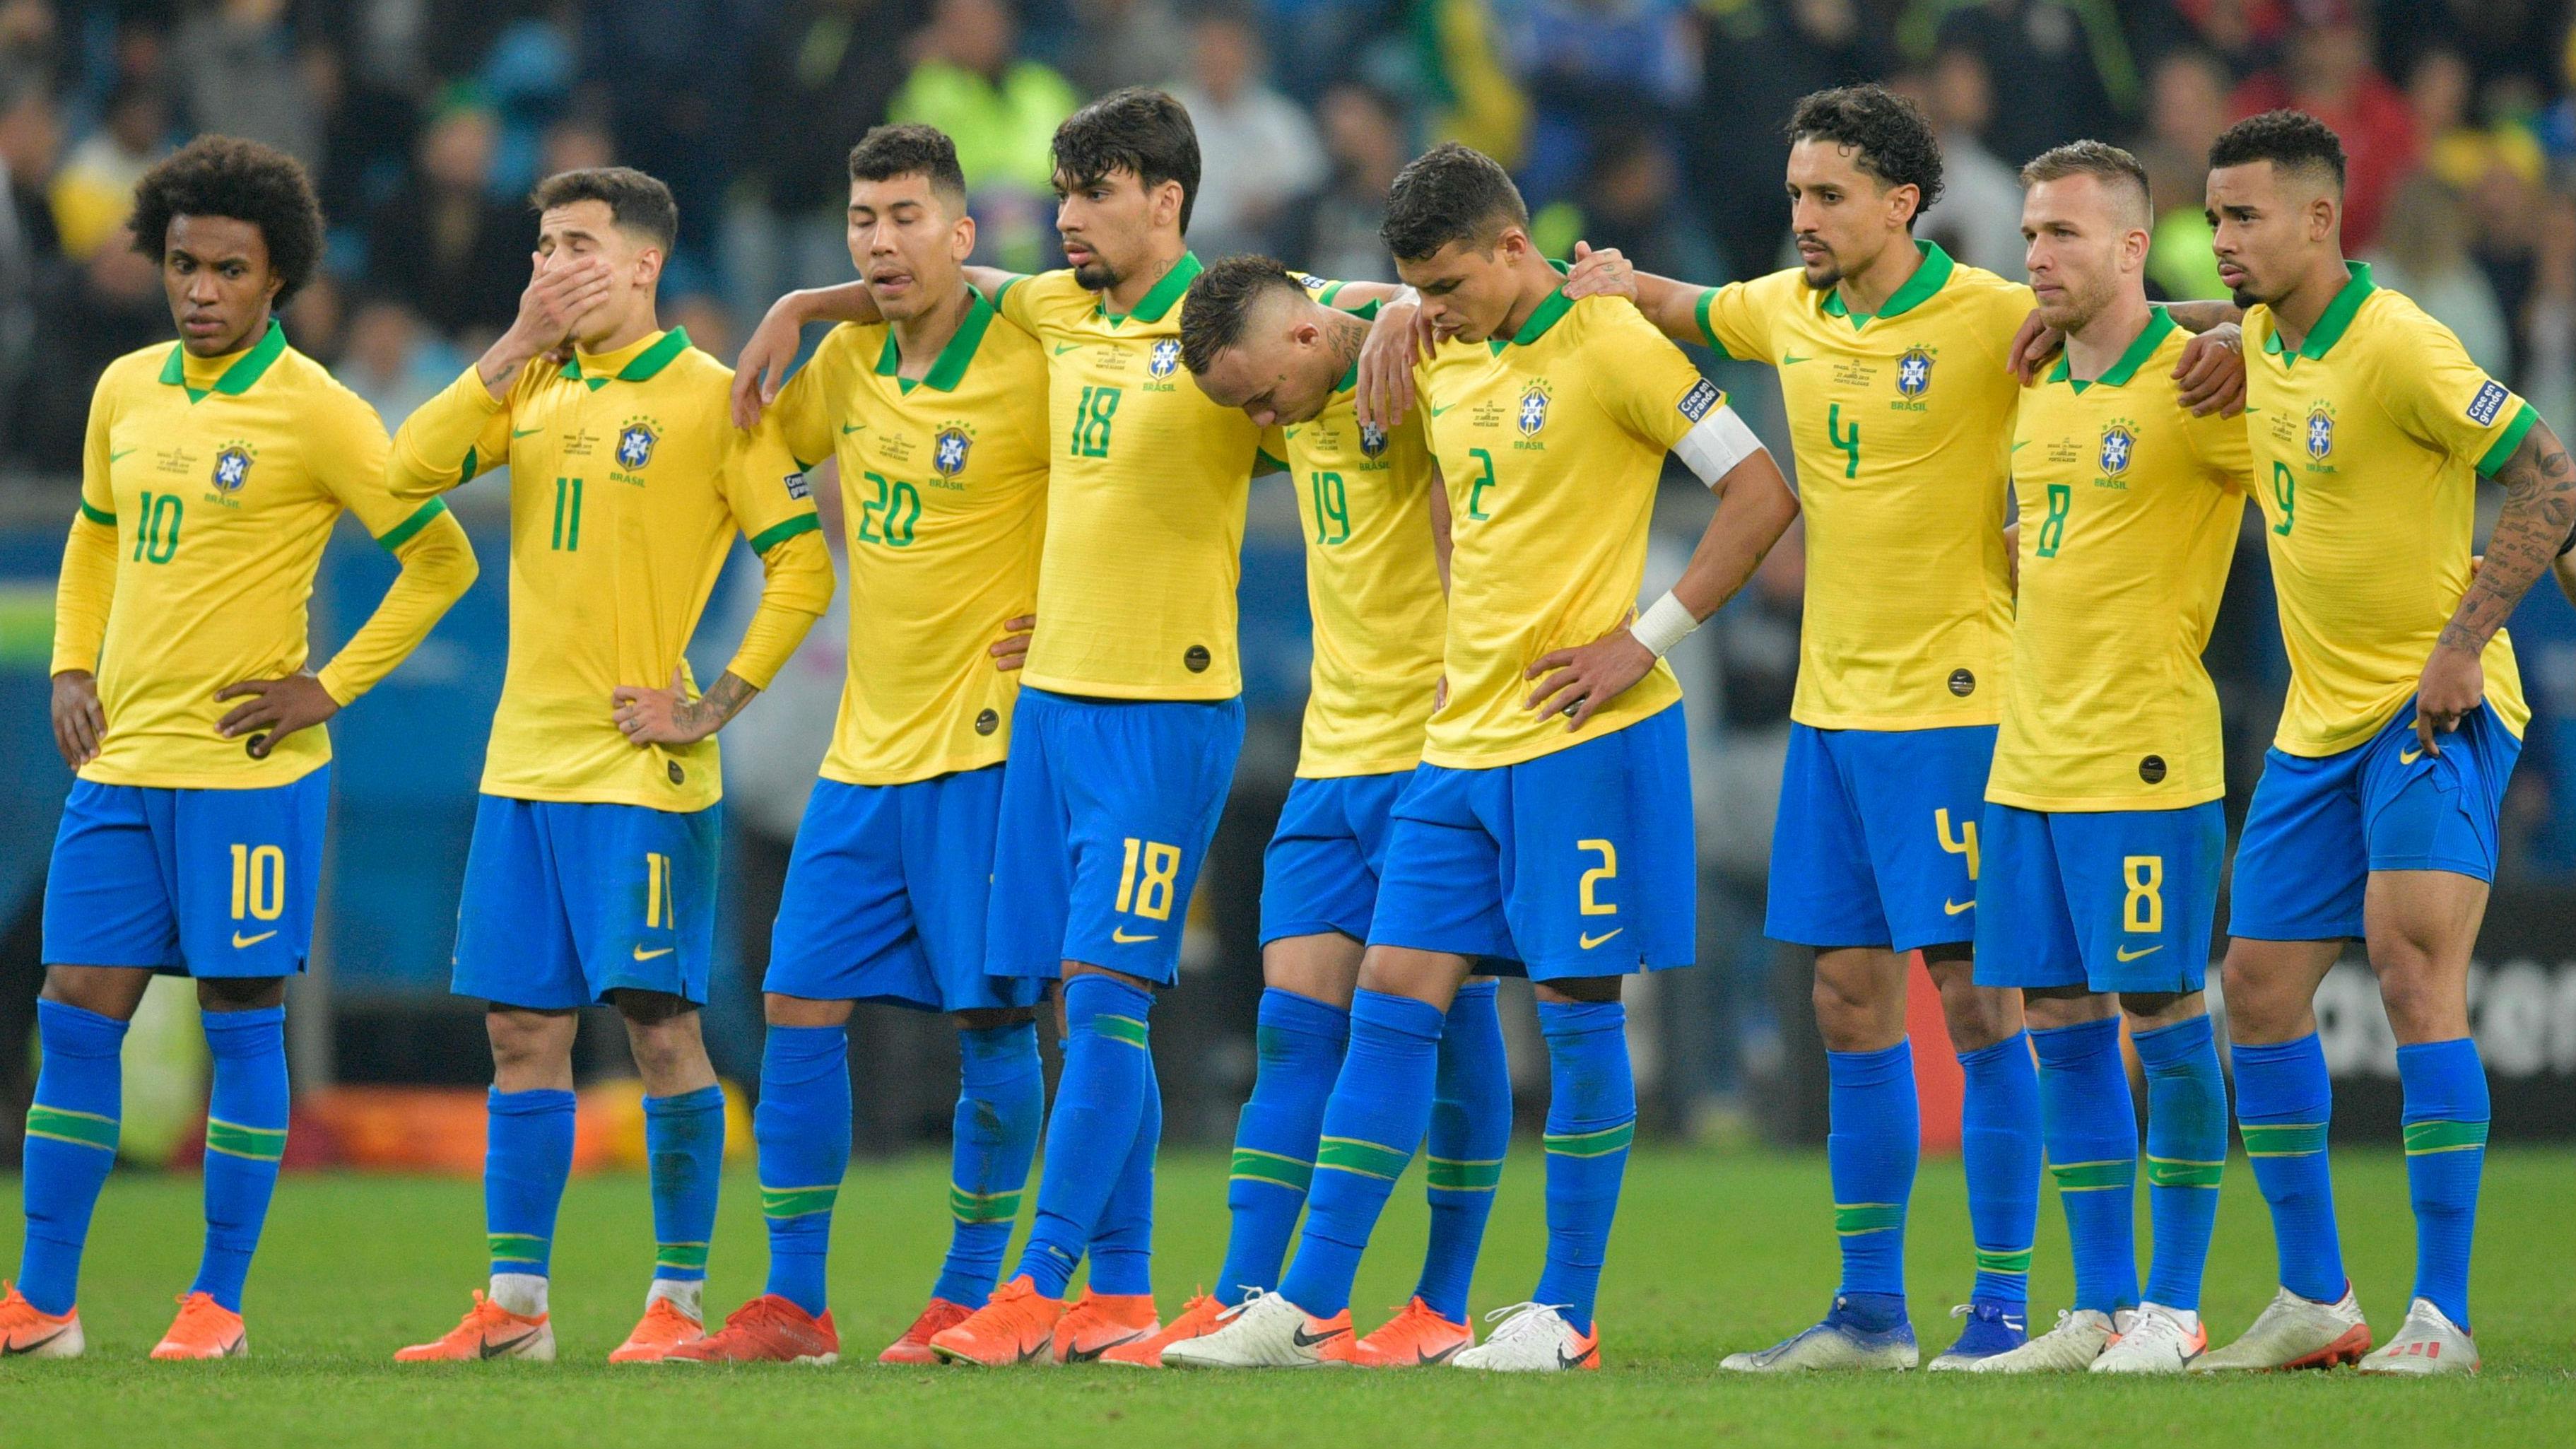 Contra quem o Brasil jogará nas semifinais da Copa América? | Goal.com